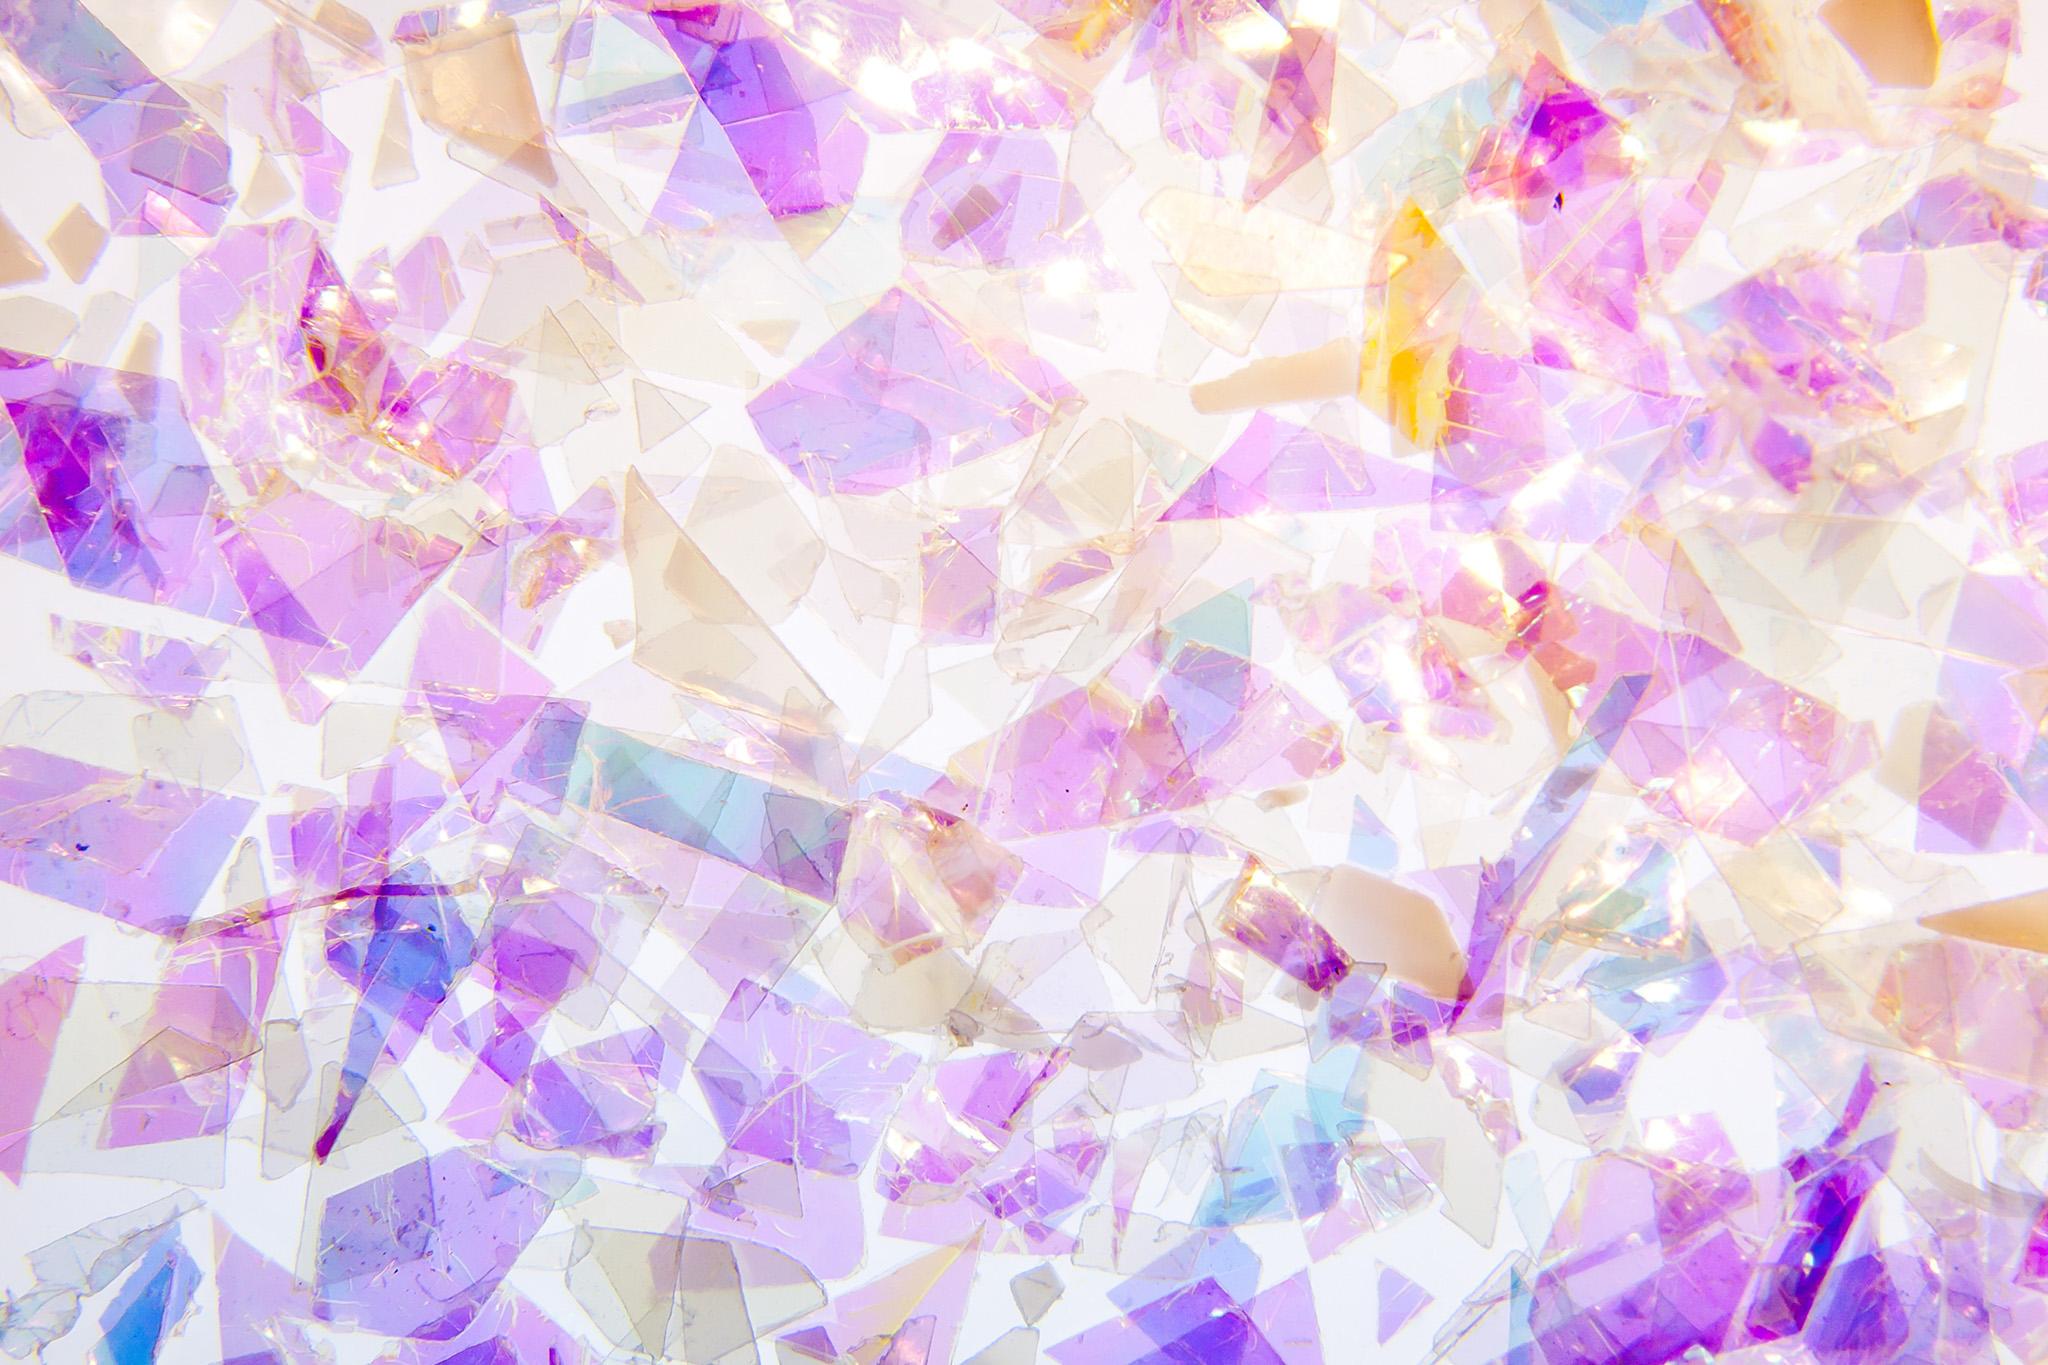 「ステンドグラス風の美しい破片」